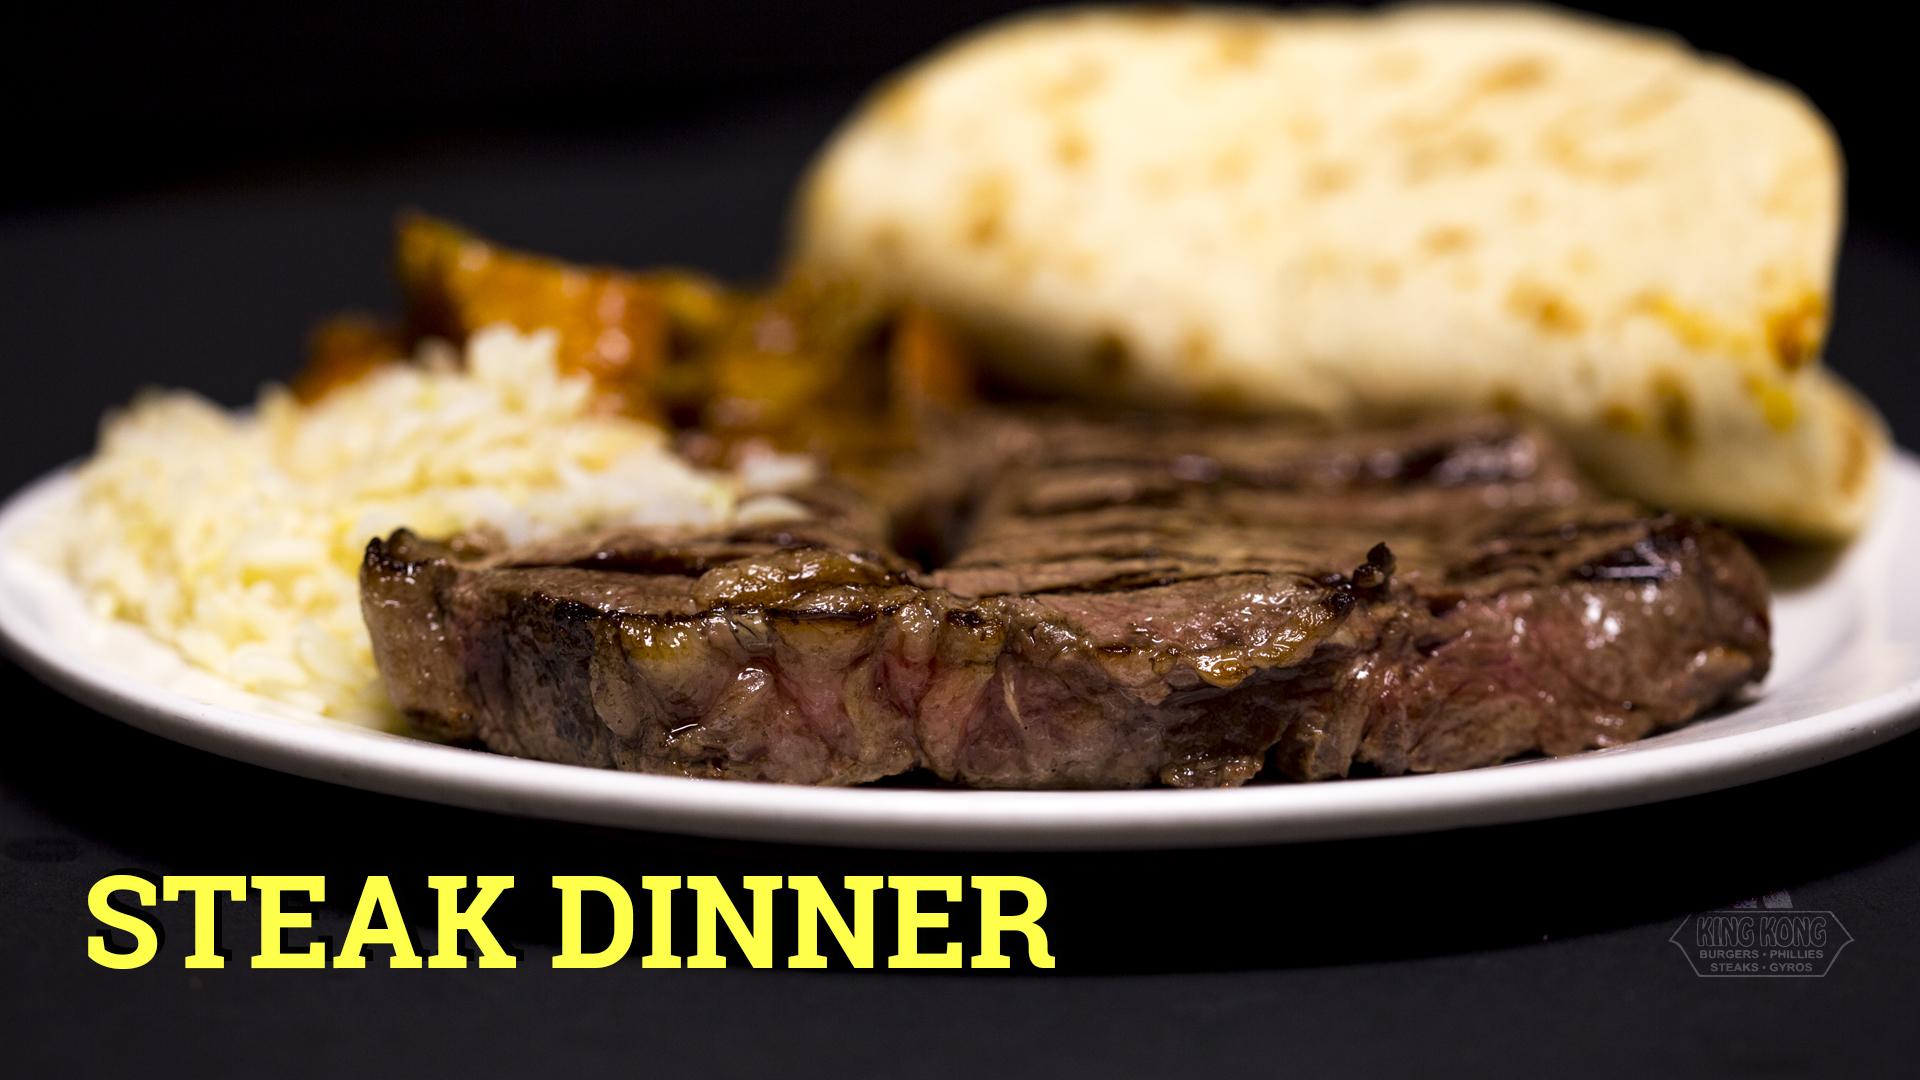 SteakDinner1.jpg